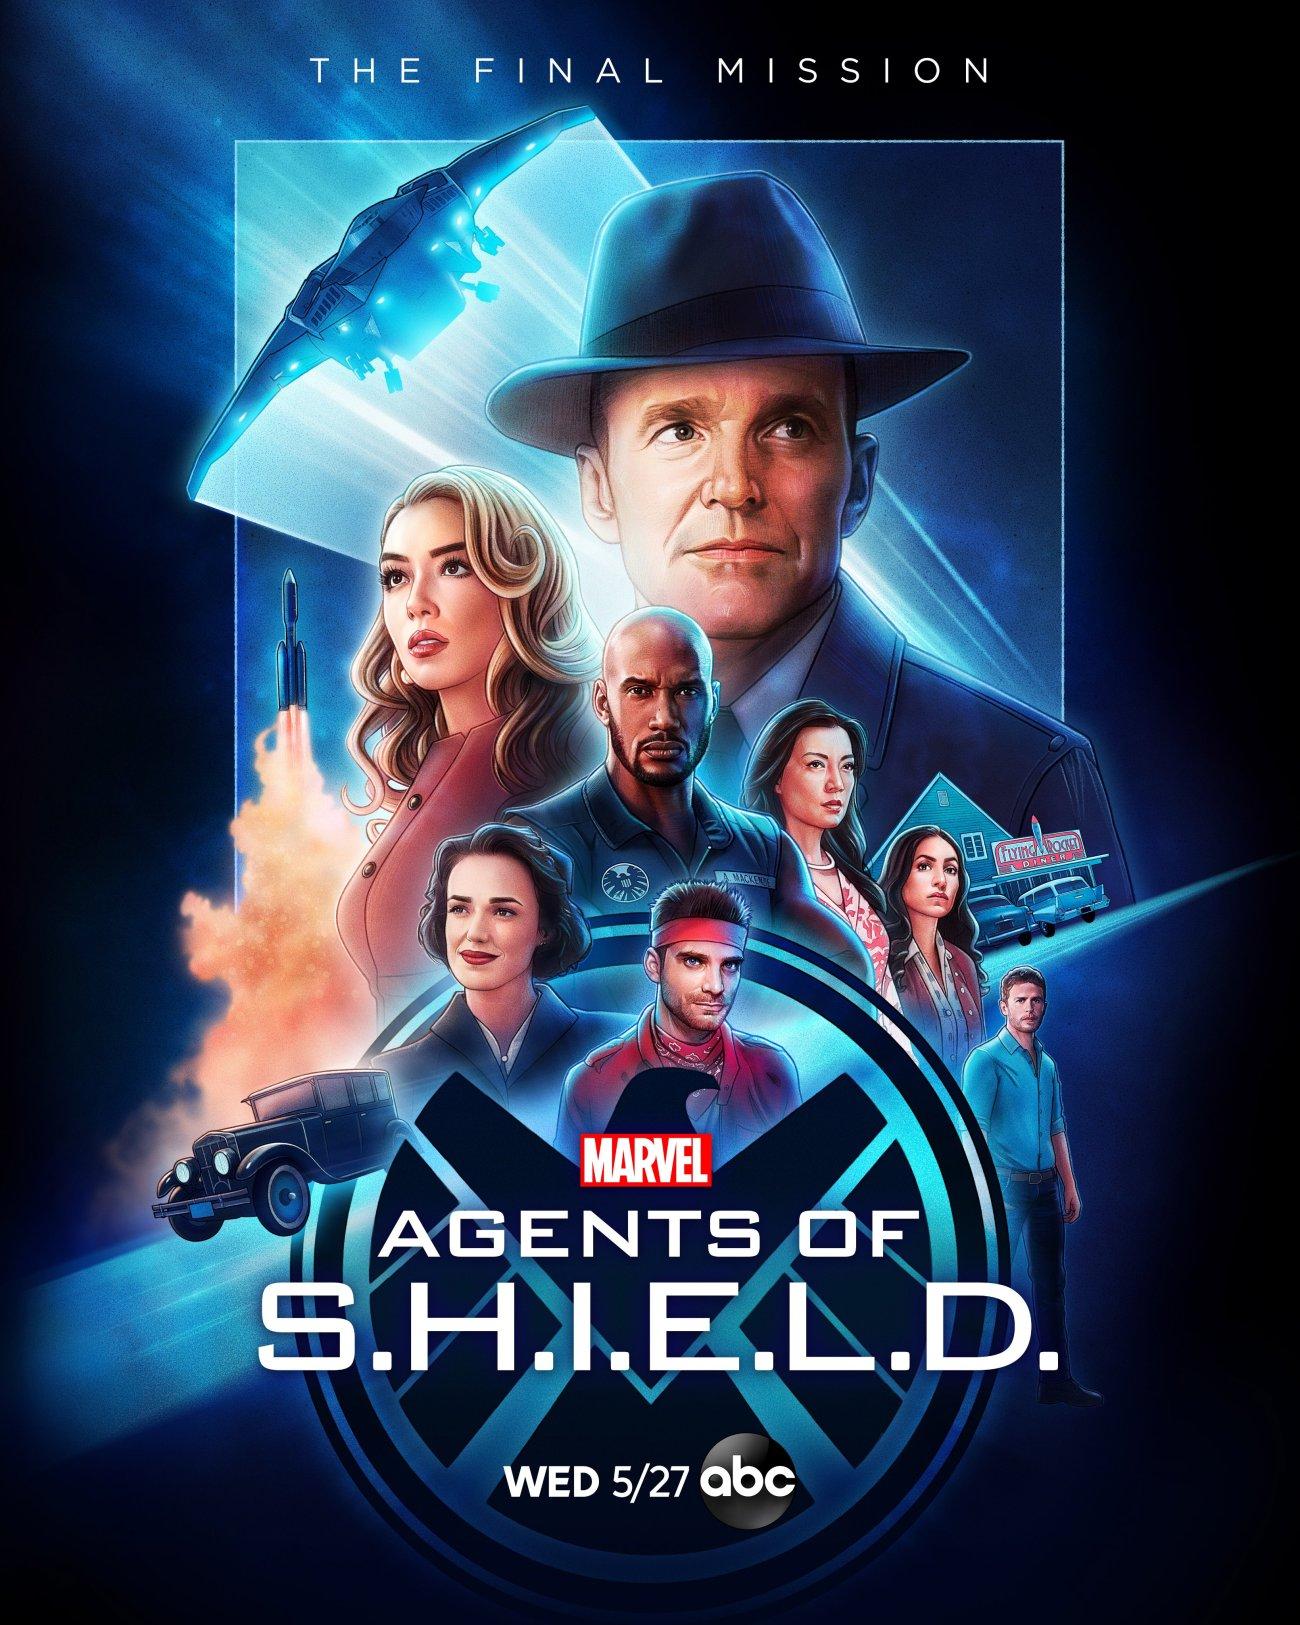 Póster de la temporada 7 de Agents of S.H.I.E.L.D. por Kyle Lambert. Imagen: Marvel's Agents of S.H.I.E.L.D. Twitter (@AgentsofSHIELD).